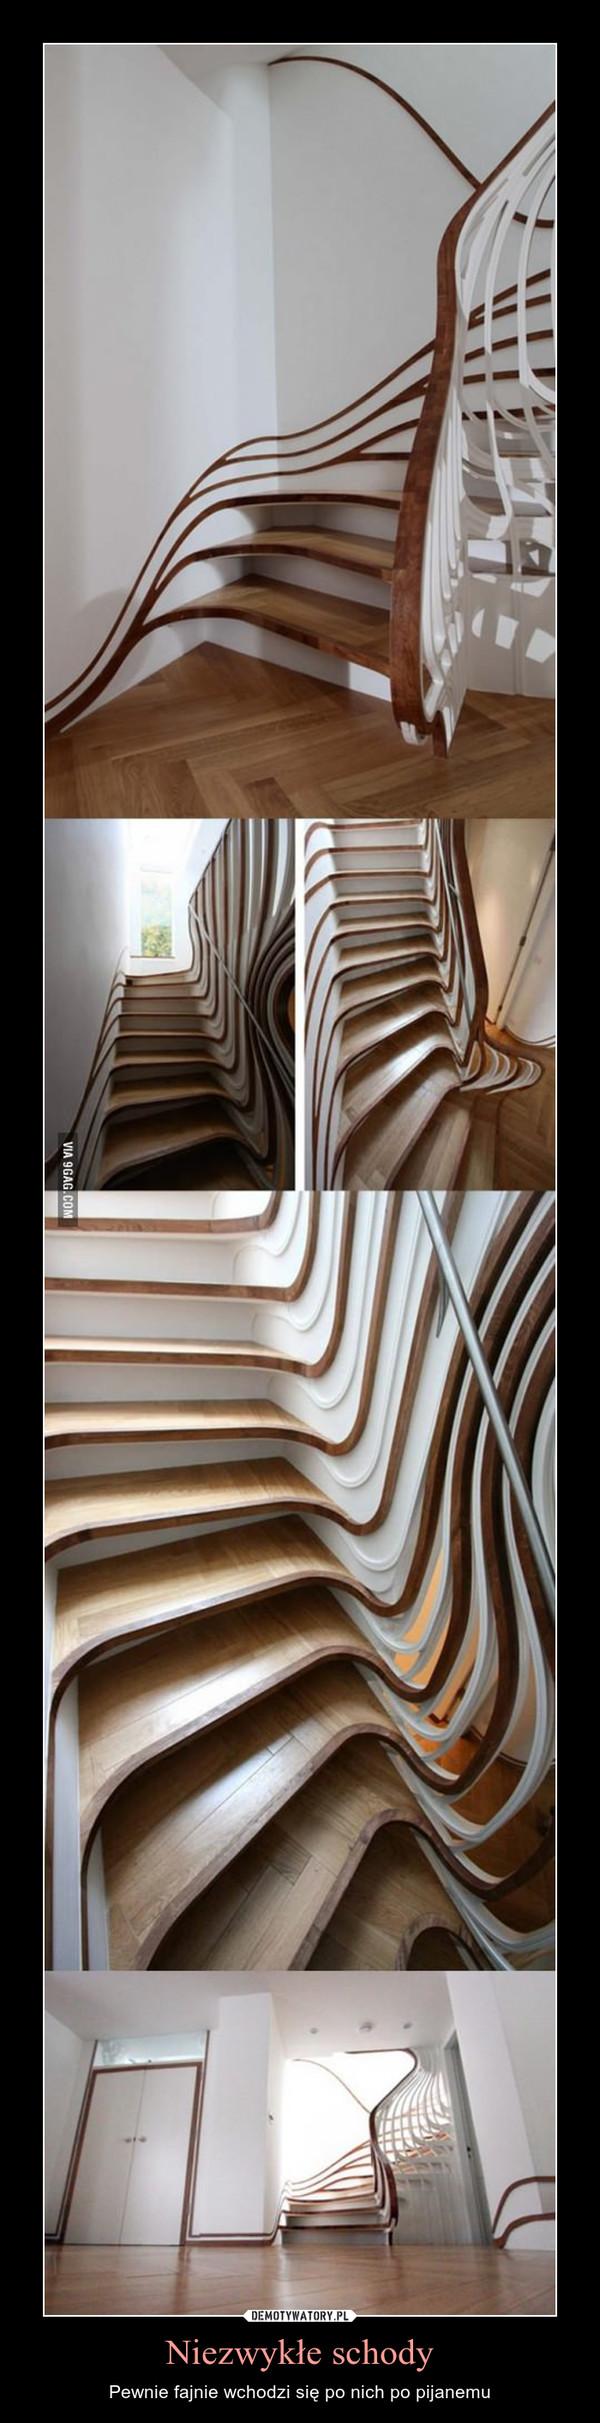 Niezwykłe schody – Pewnie fajnie wchodzi się po nich po pijanemu